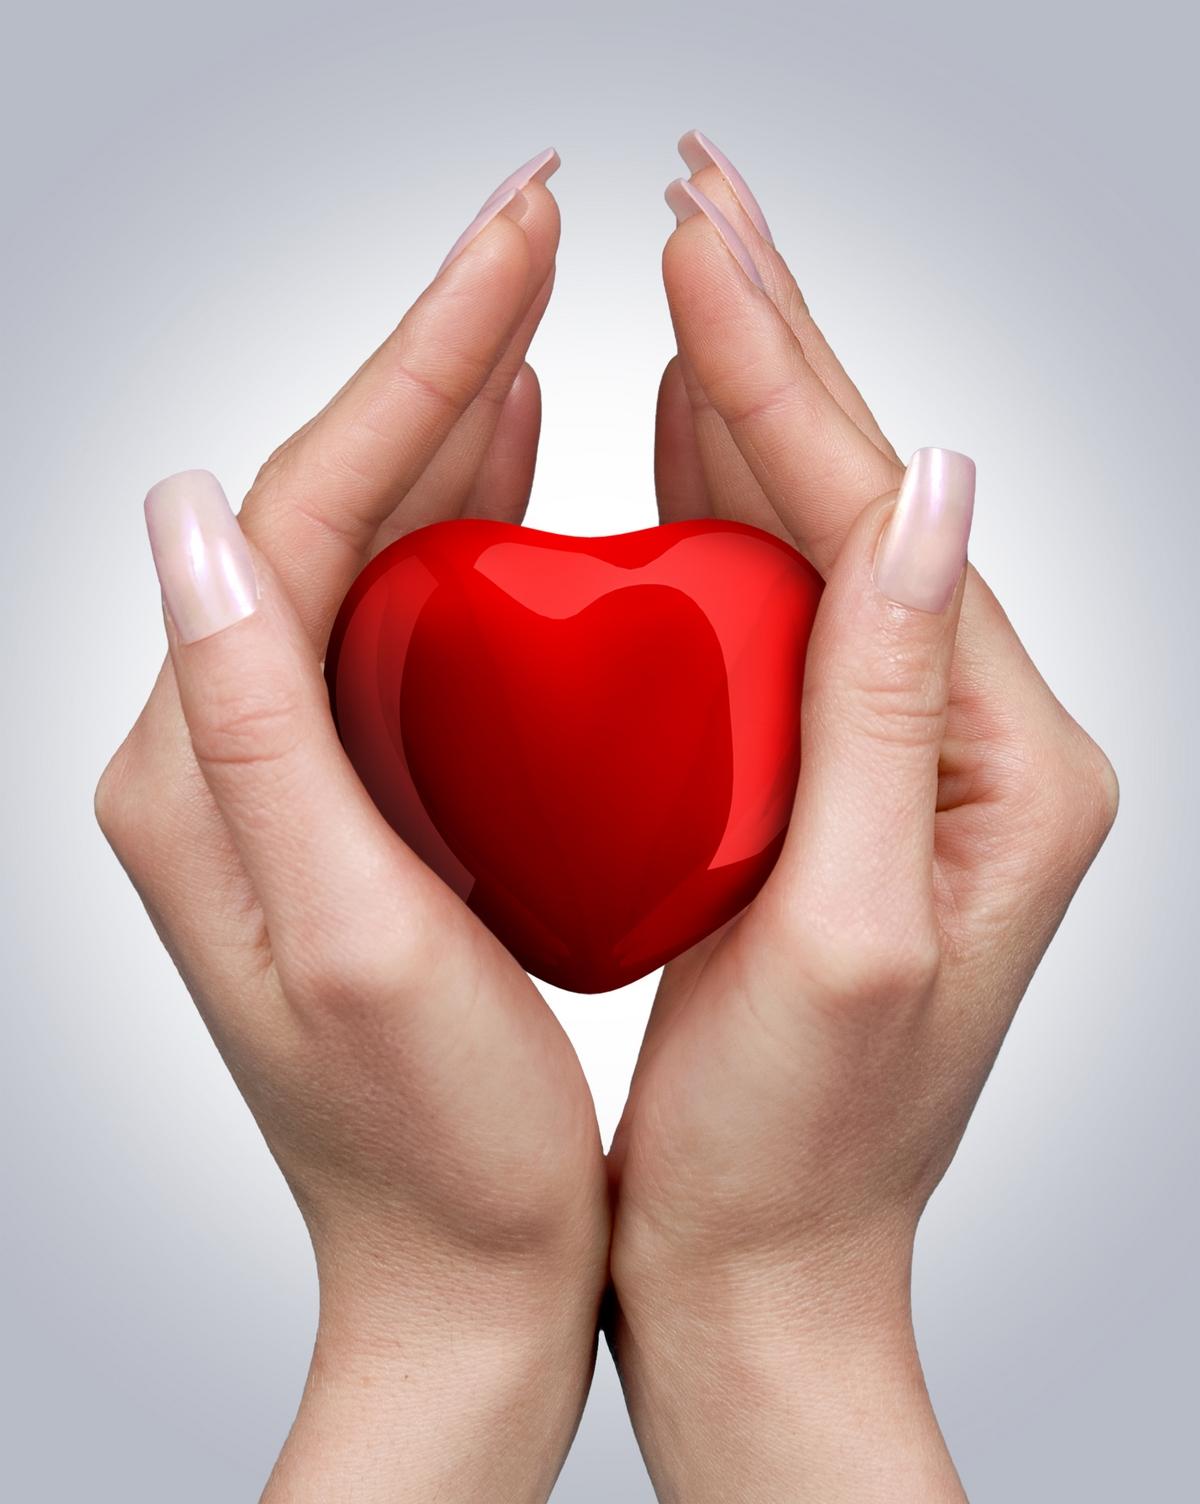 красивое красное сердце в руках, скачать фото, обои для рабочего стола, heart